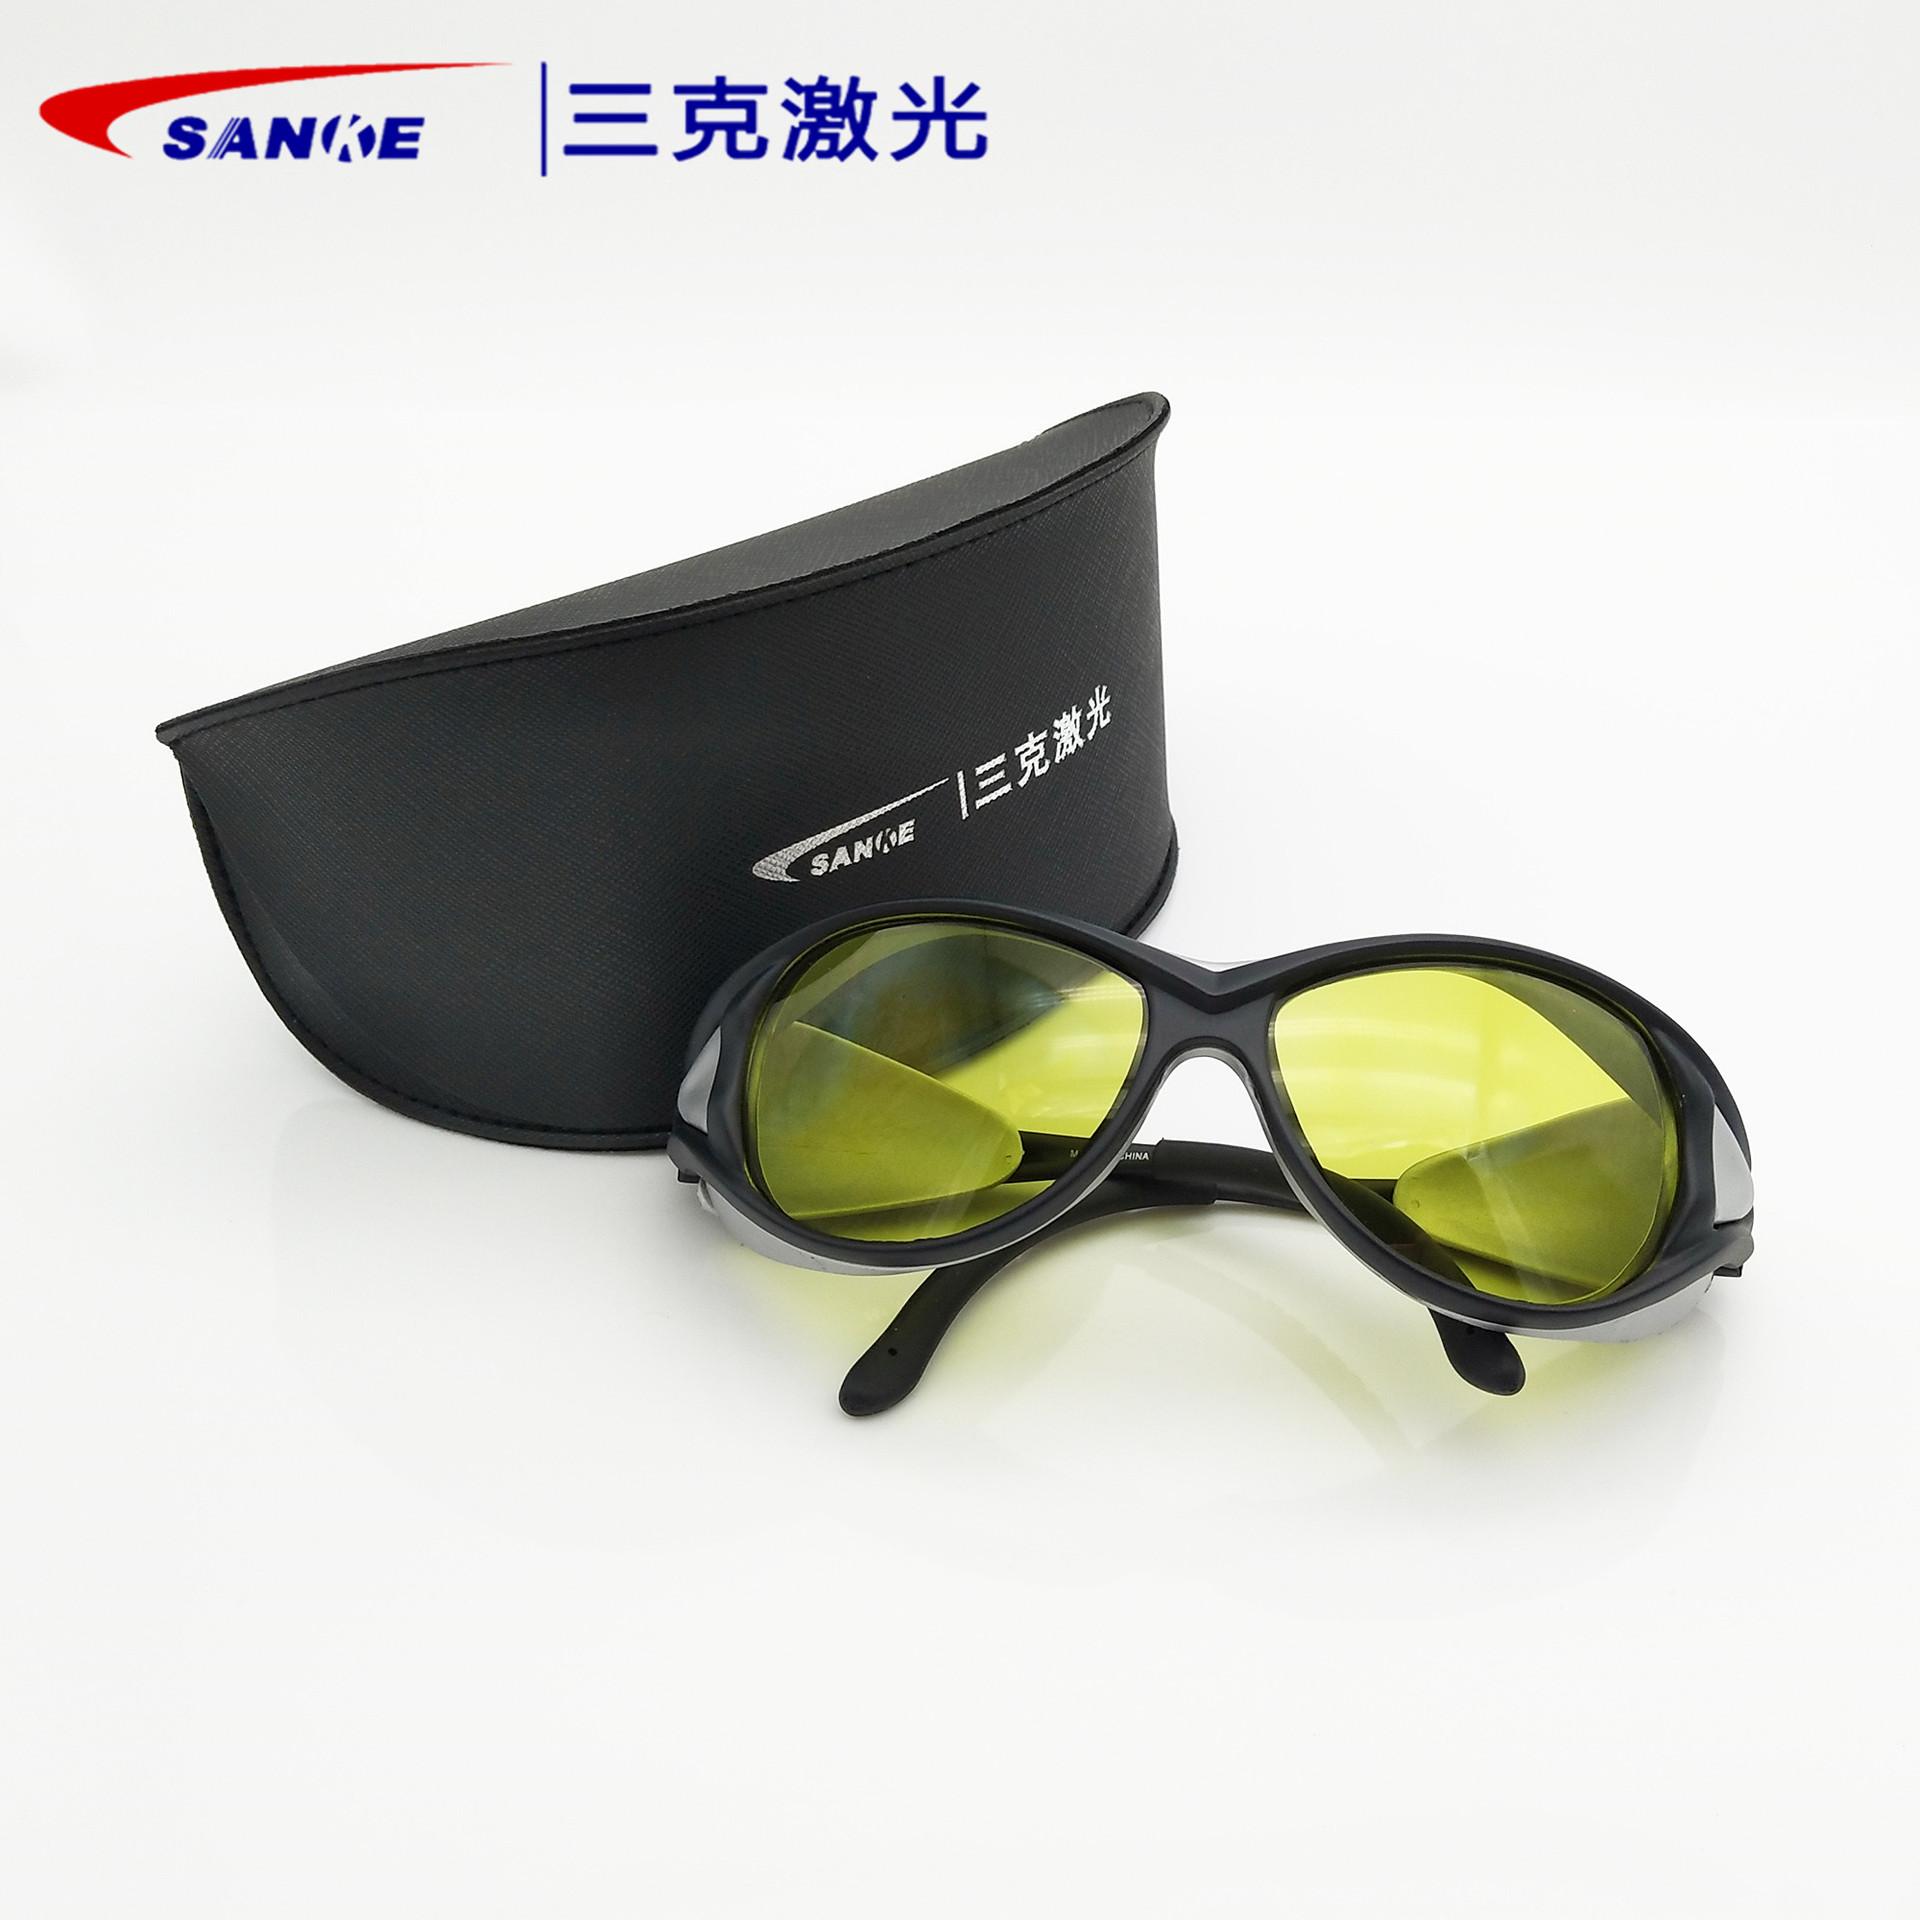 激光防护眼镜 SKL-G11 波长1064nm OD6 可见光透过率85%